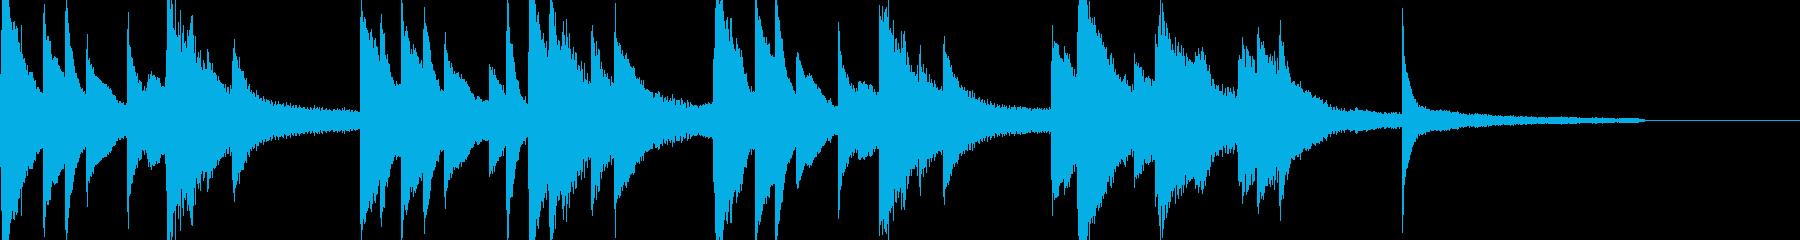 幻想的なしっとりと切ないピアノ曲の再生済みの波形